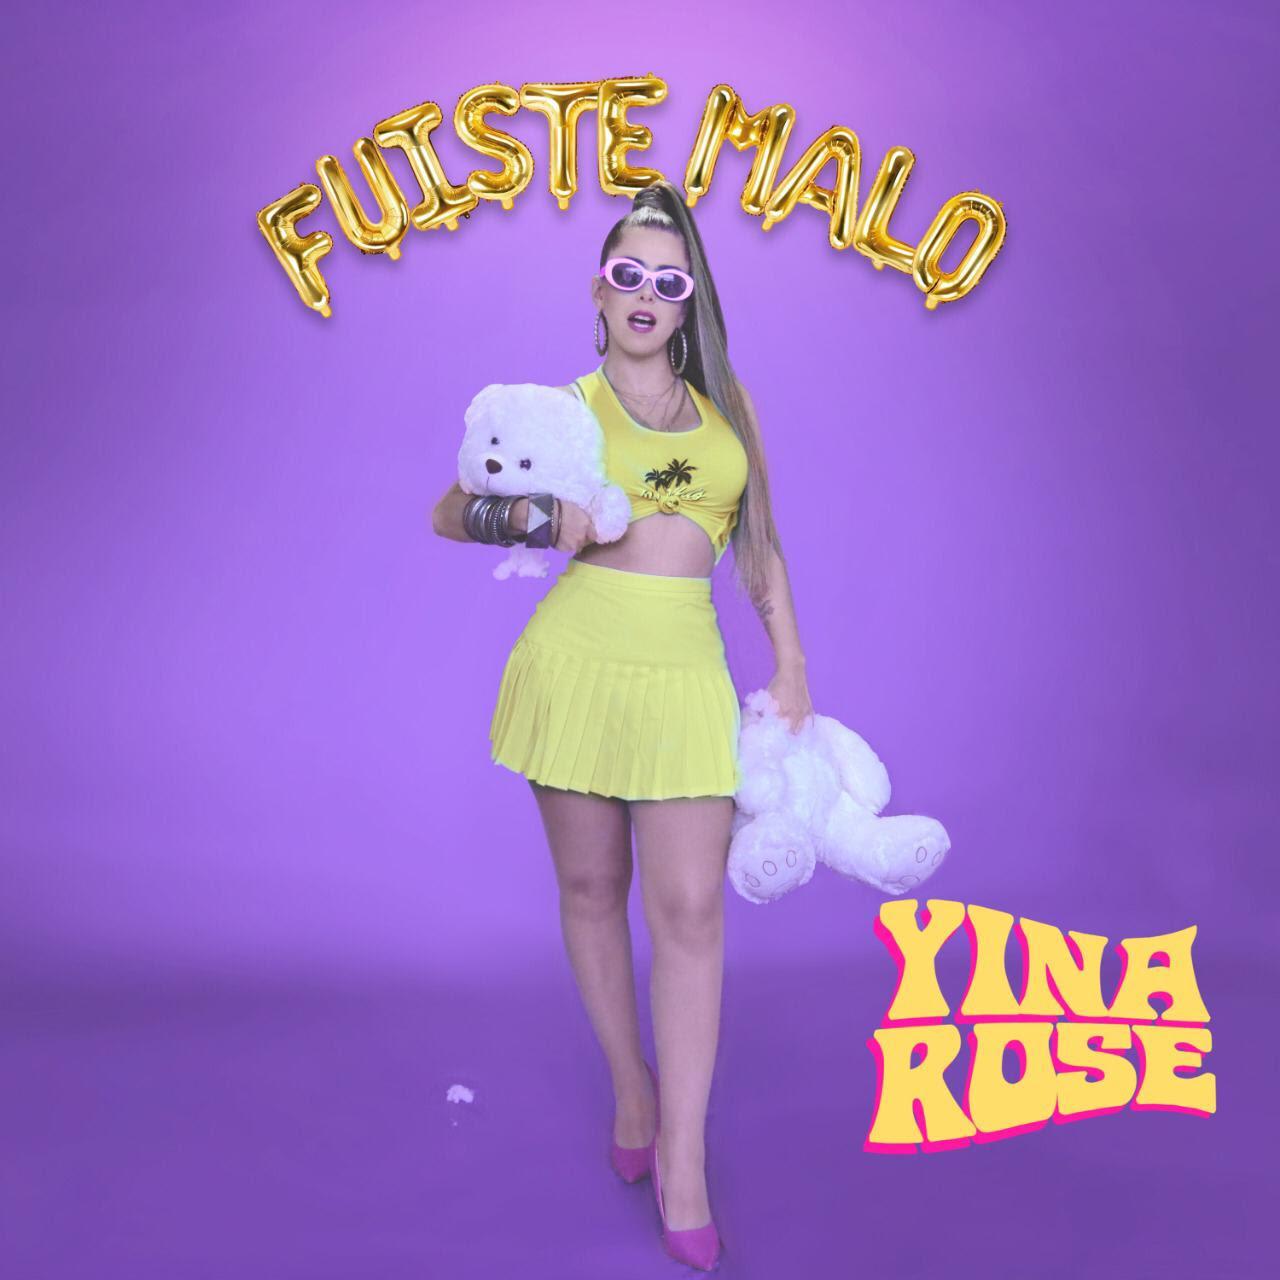 «Fuiste Malo» el nuevo lanzamiento de  Yina Rose, un himno Pop-Rock/Ranchero contra el Maltrato Femenino